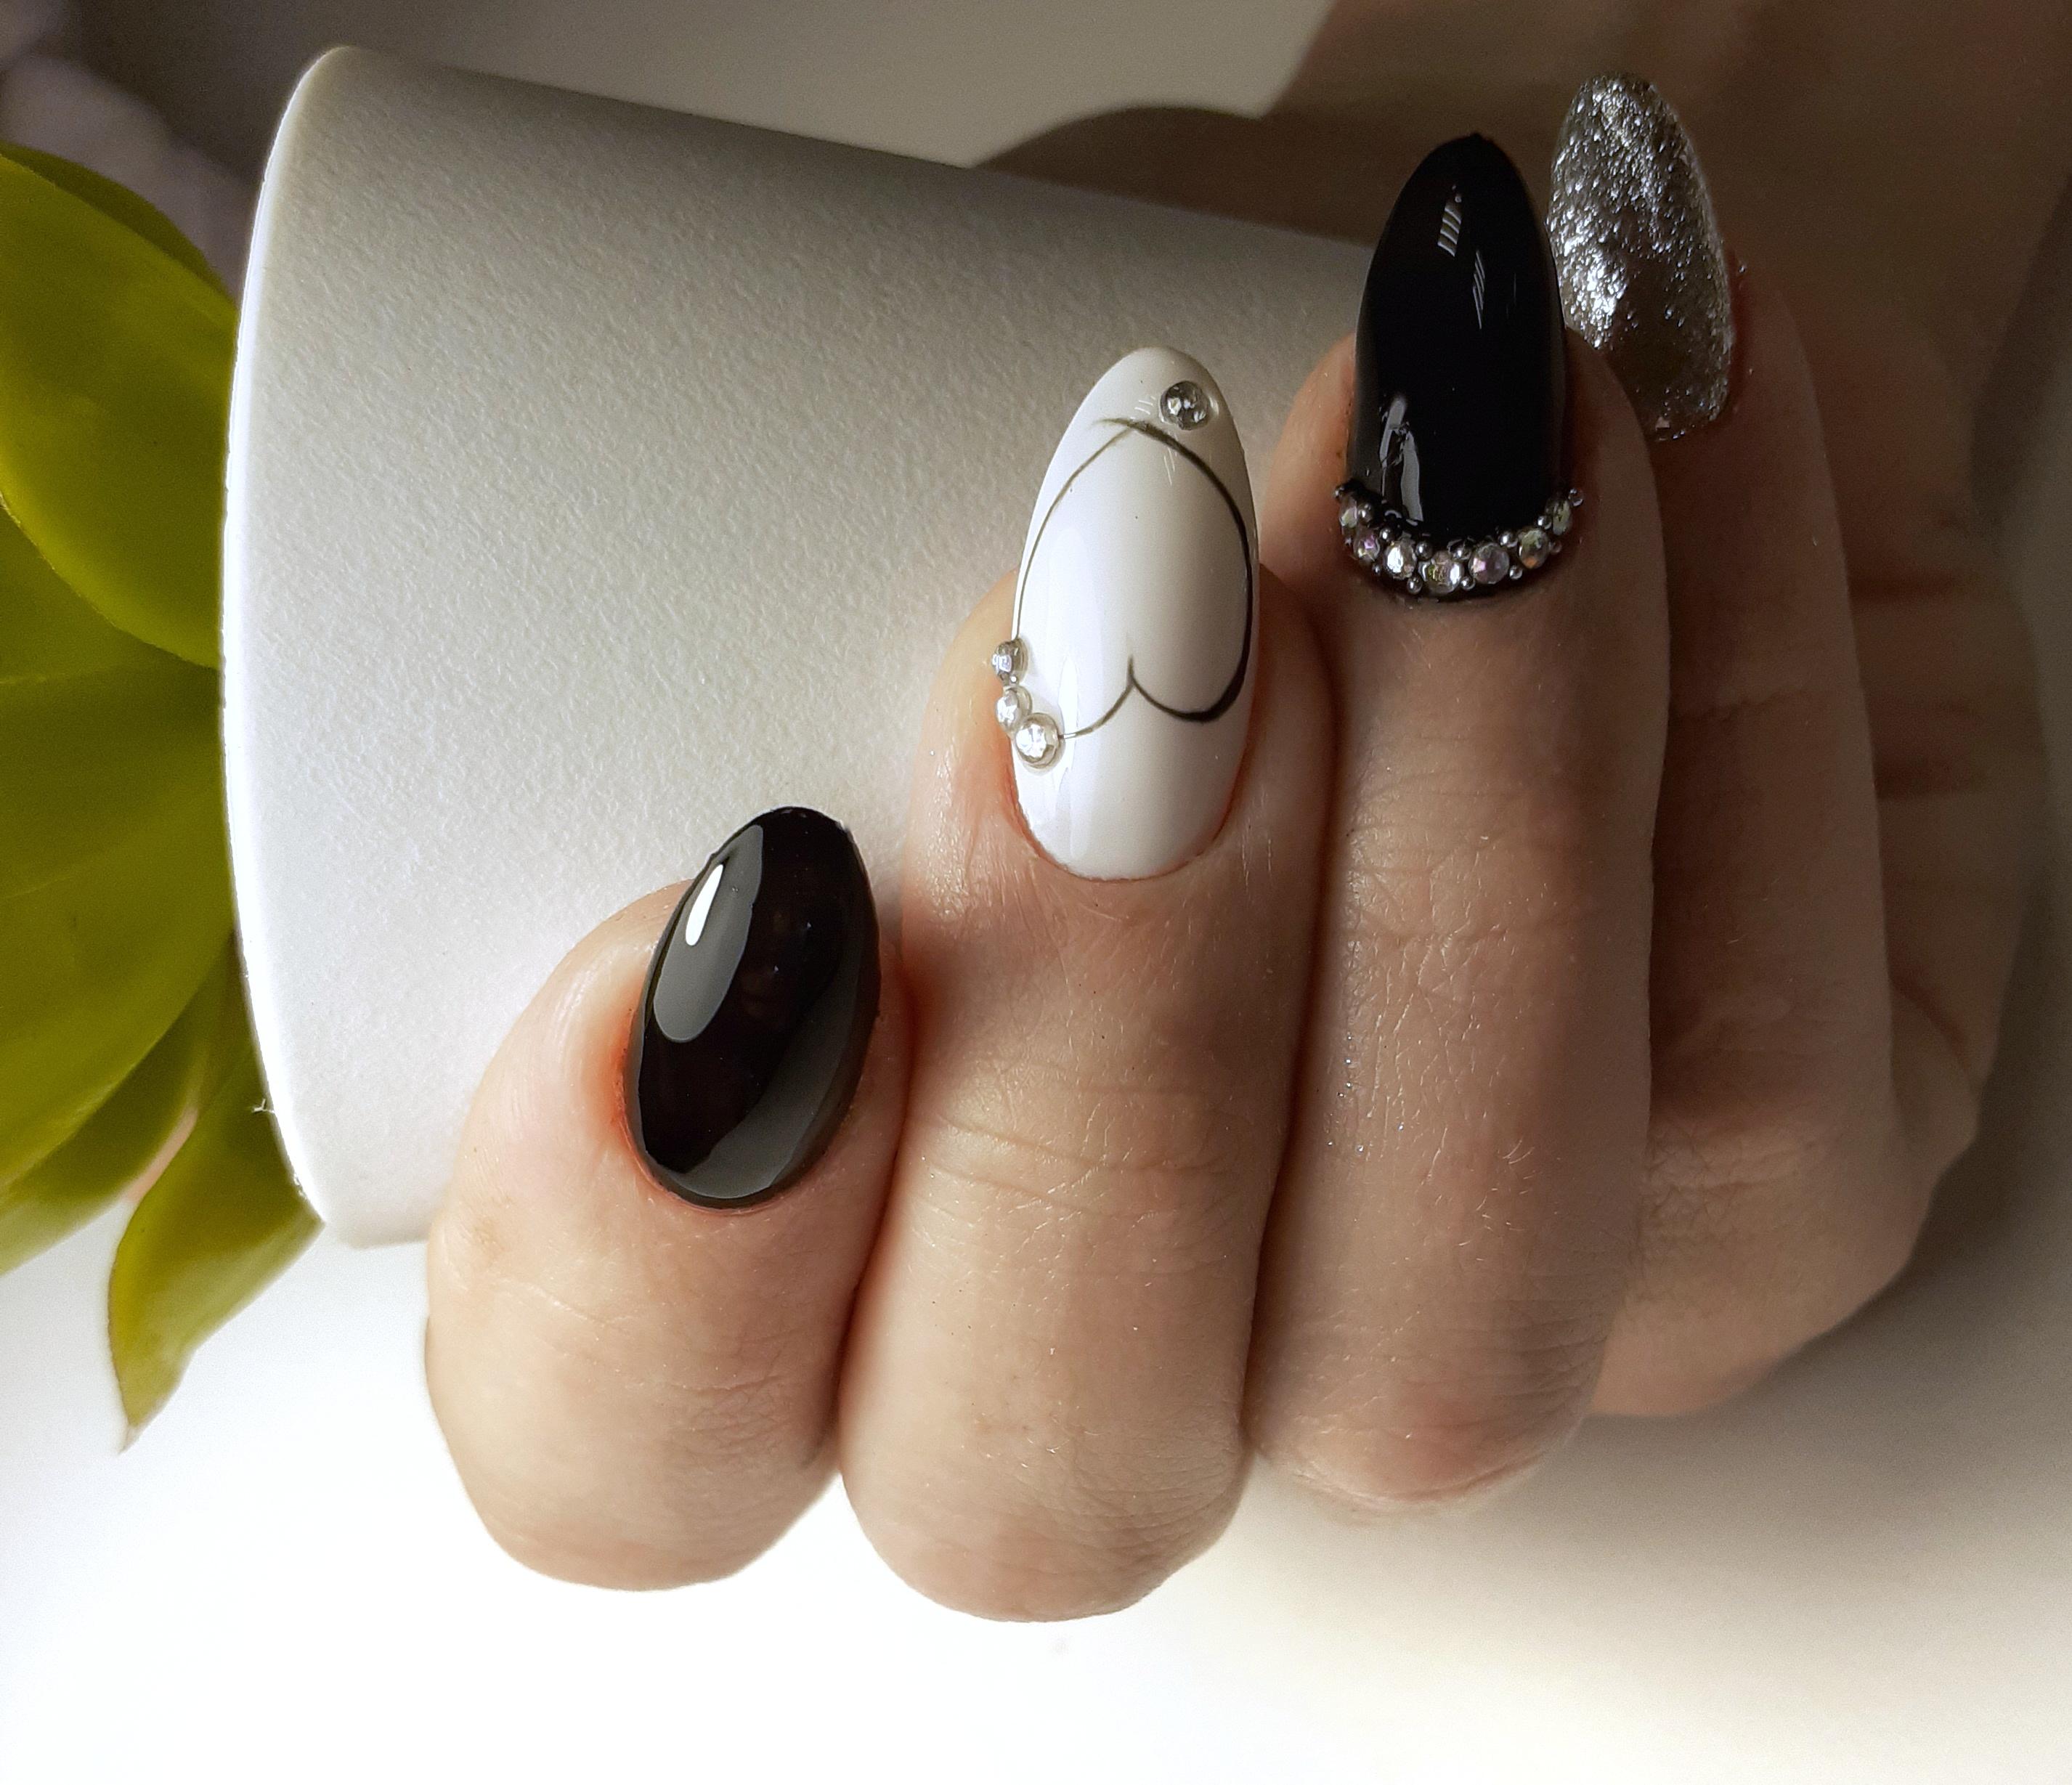 """Контрастный чёрно-белый маникюр с рисунком """"сердечко"""", серебряными блёстками и стразами."""